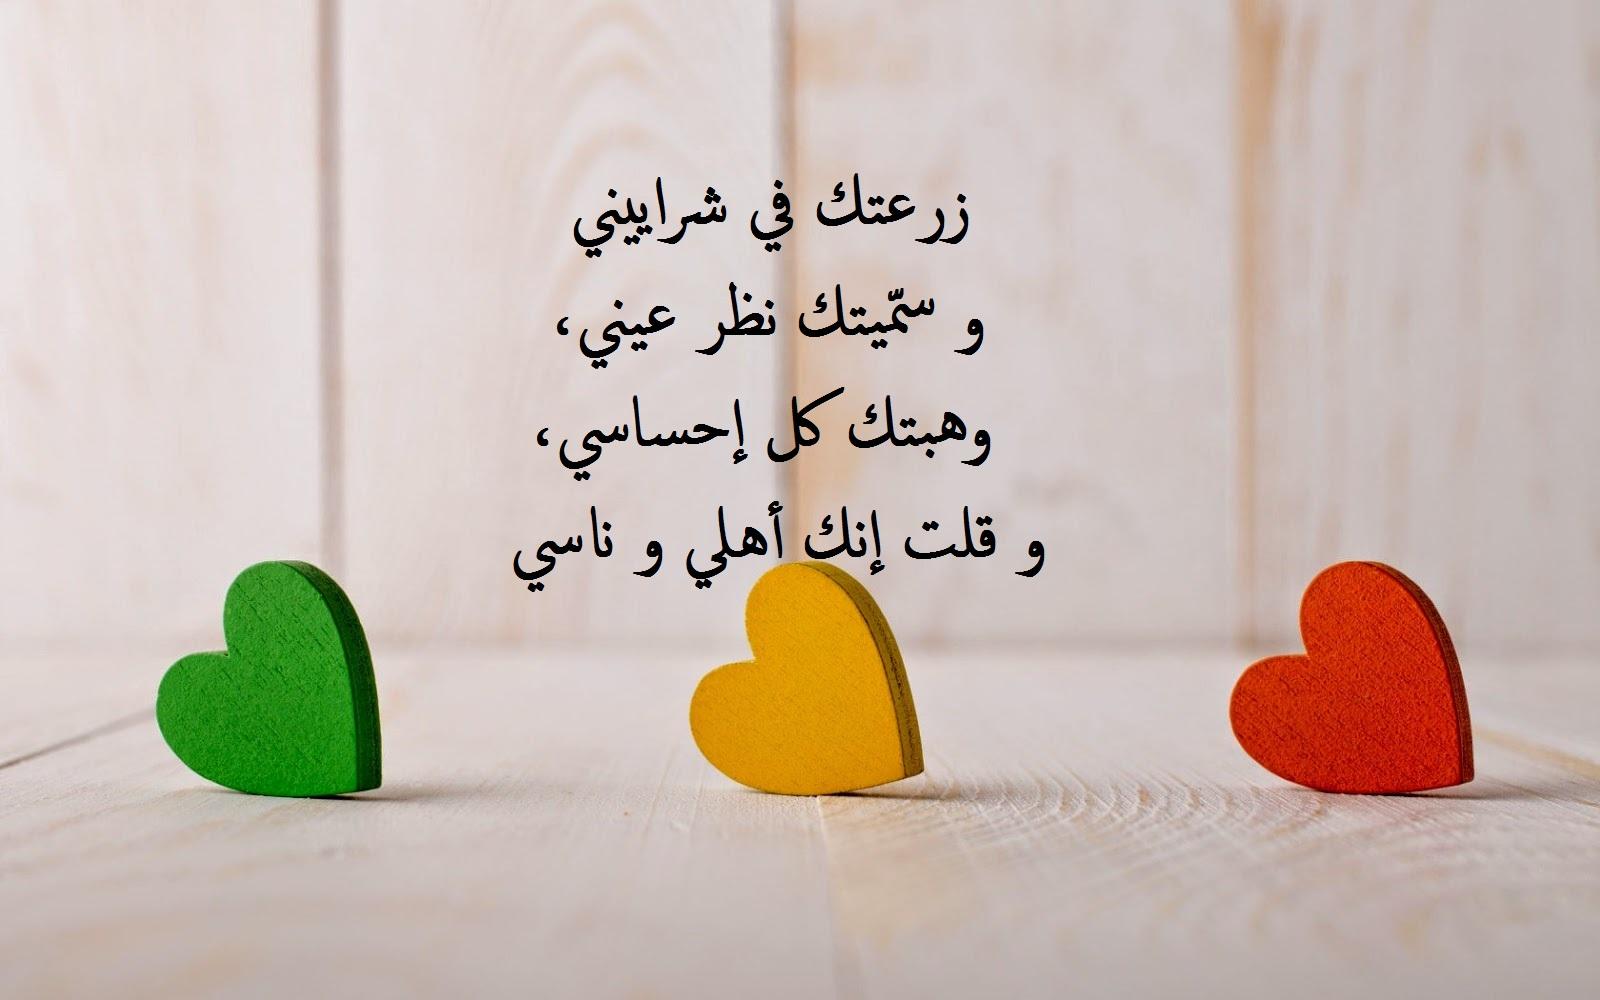 كلمات حب و رومانسية للزوج.